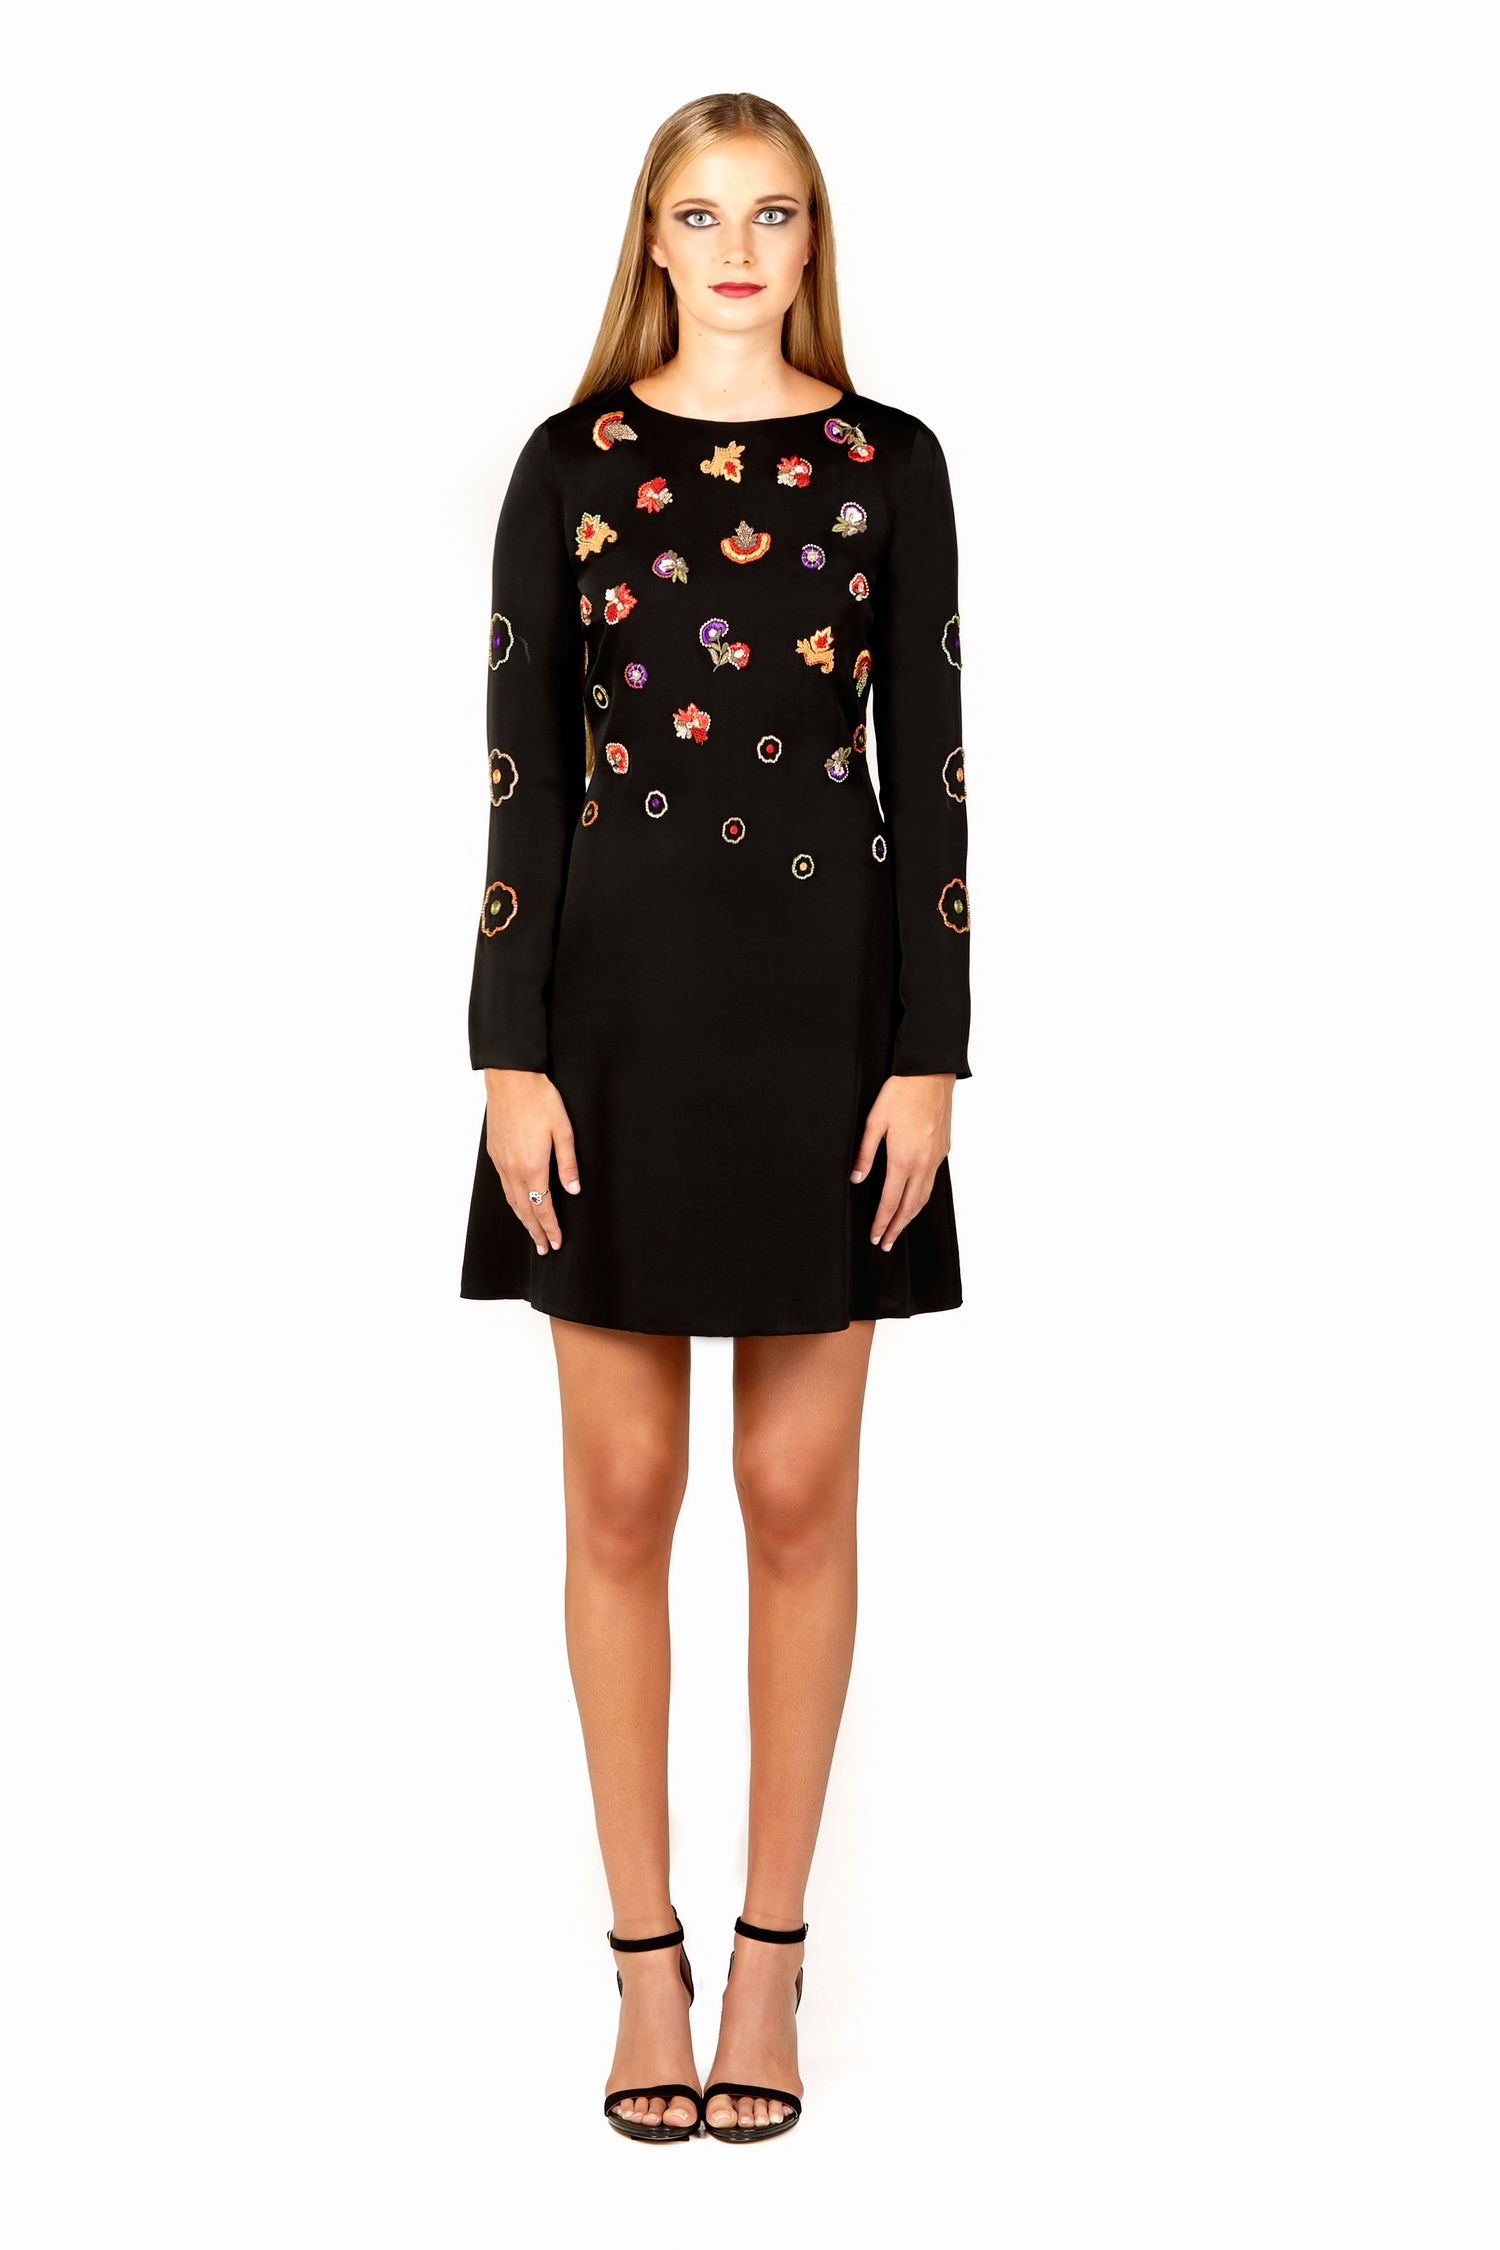 Multi_Floral_Dress_Front.jpg